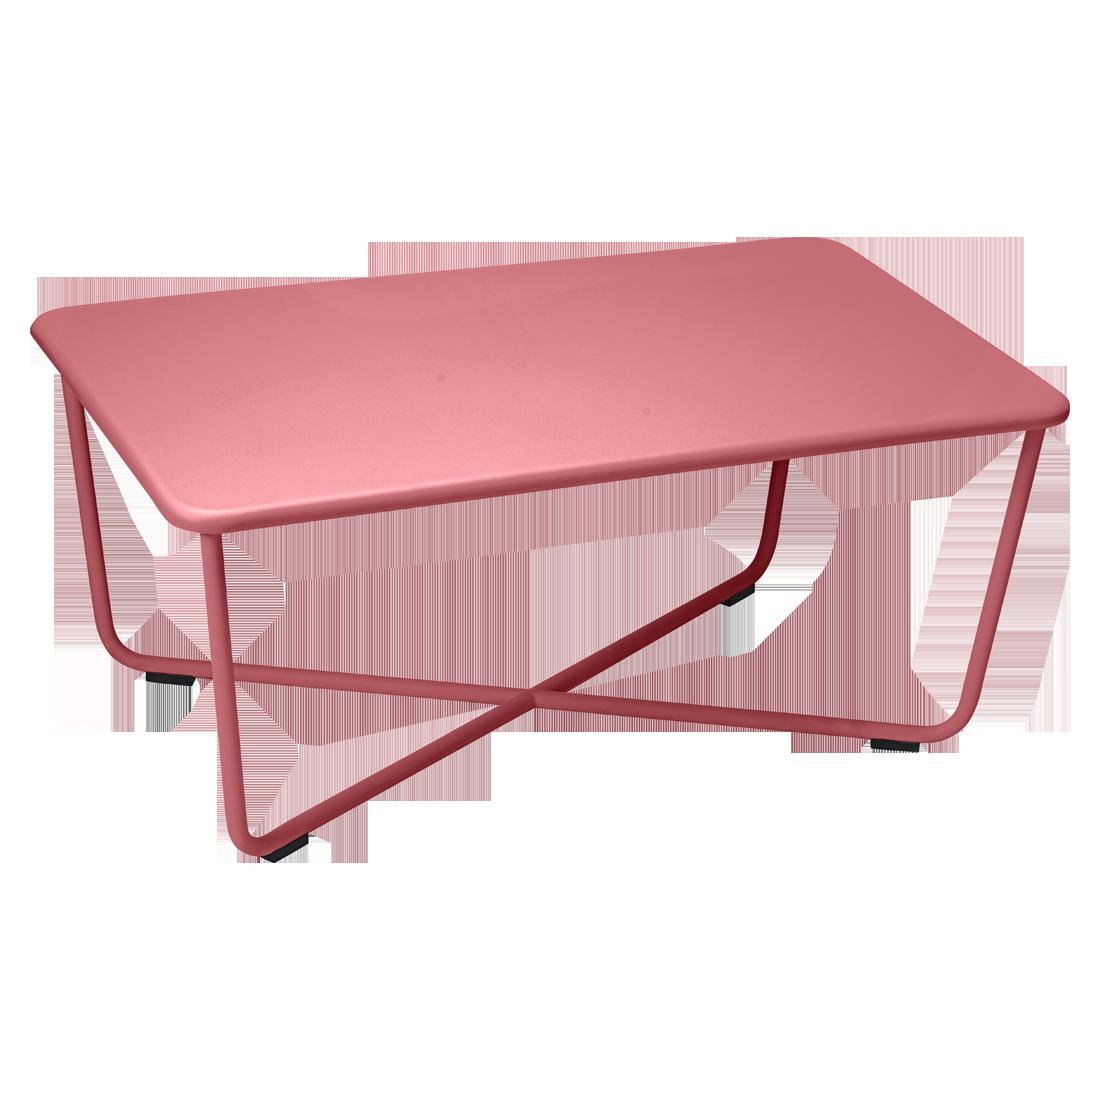 table basse croisette de fermob piment. Black Bedroom Furniture Sets. Home Design Ideas